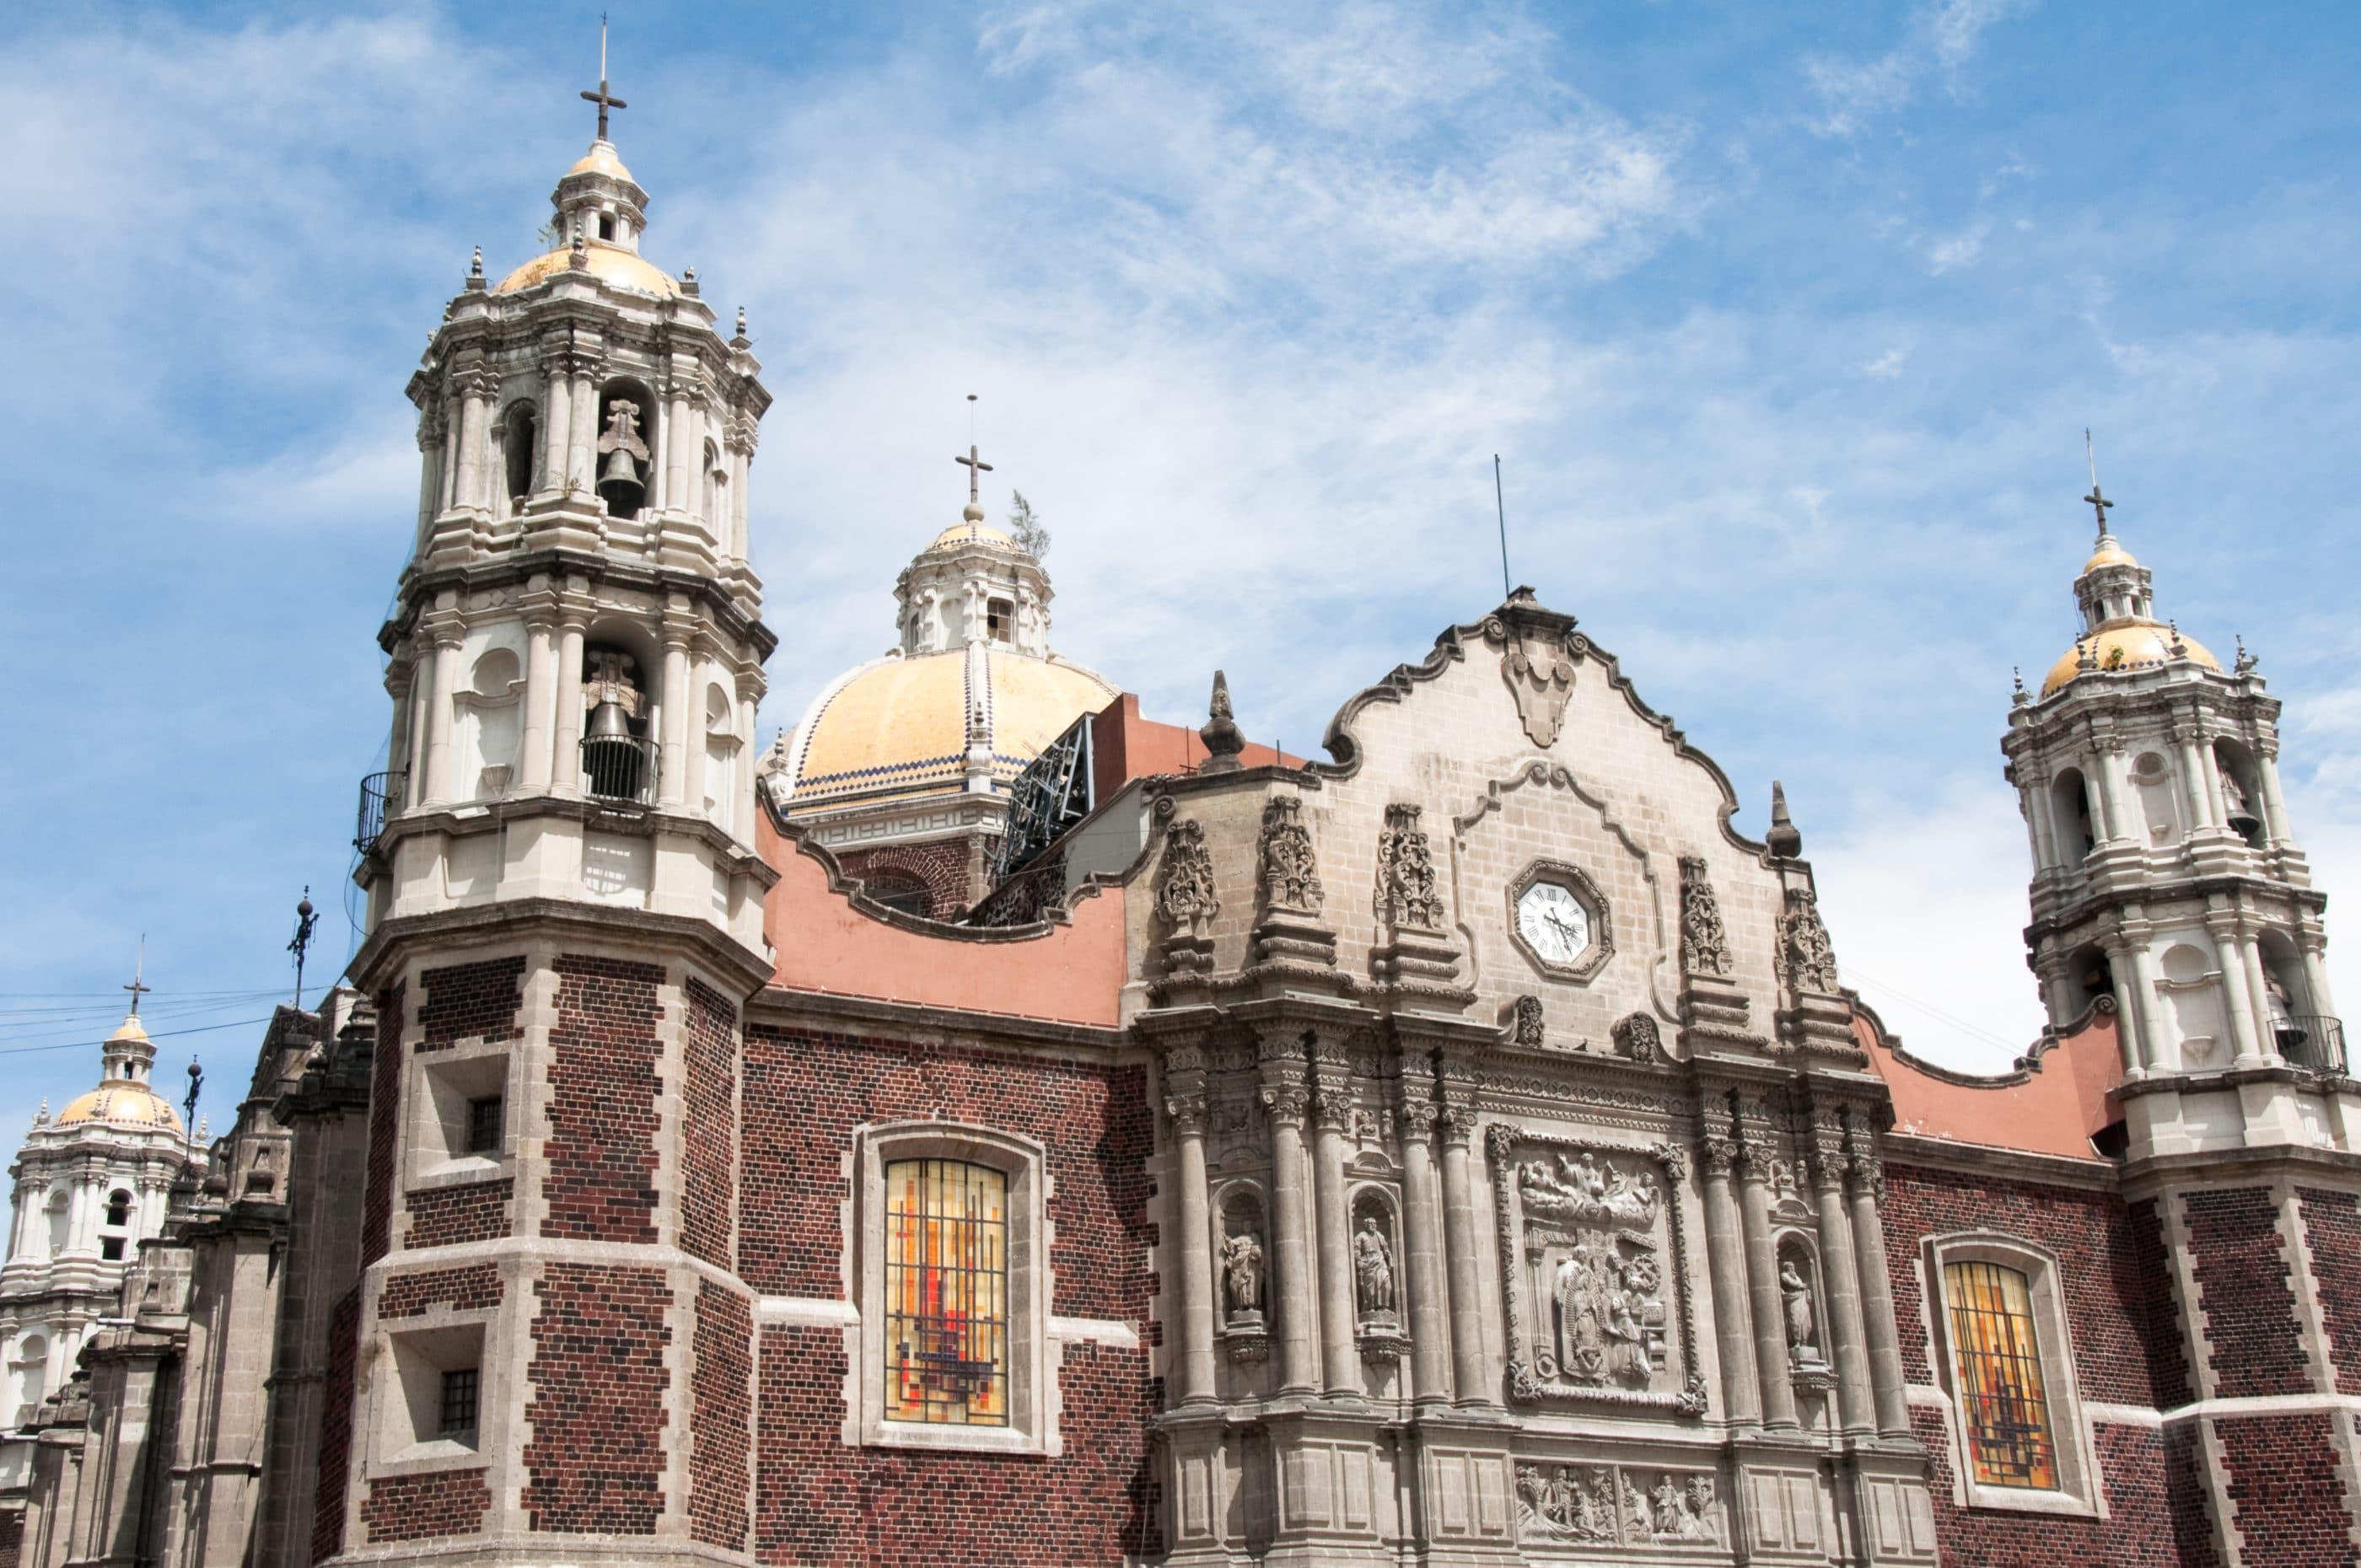 Exterior facade of the Basílica de Santa Maria de Guadalupe against the sky.